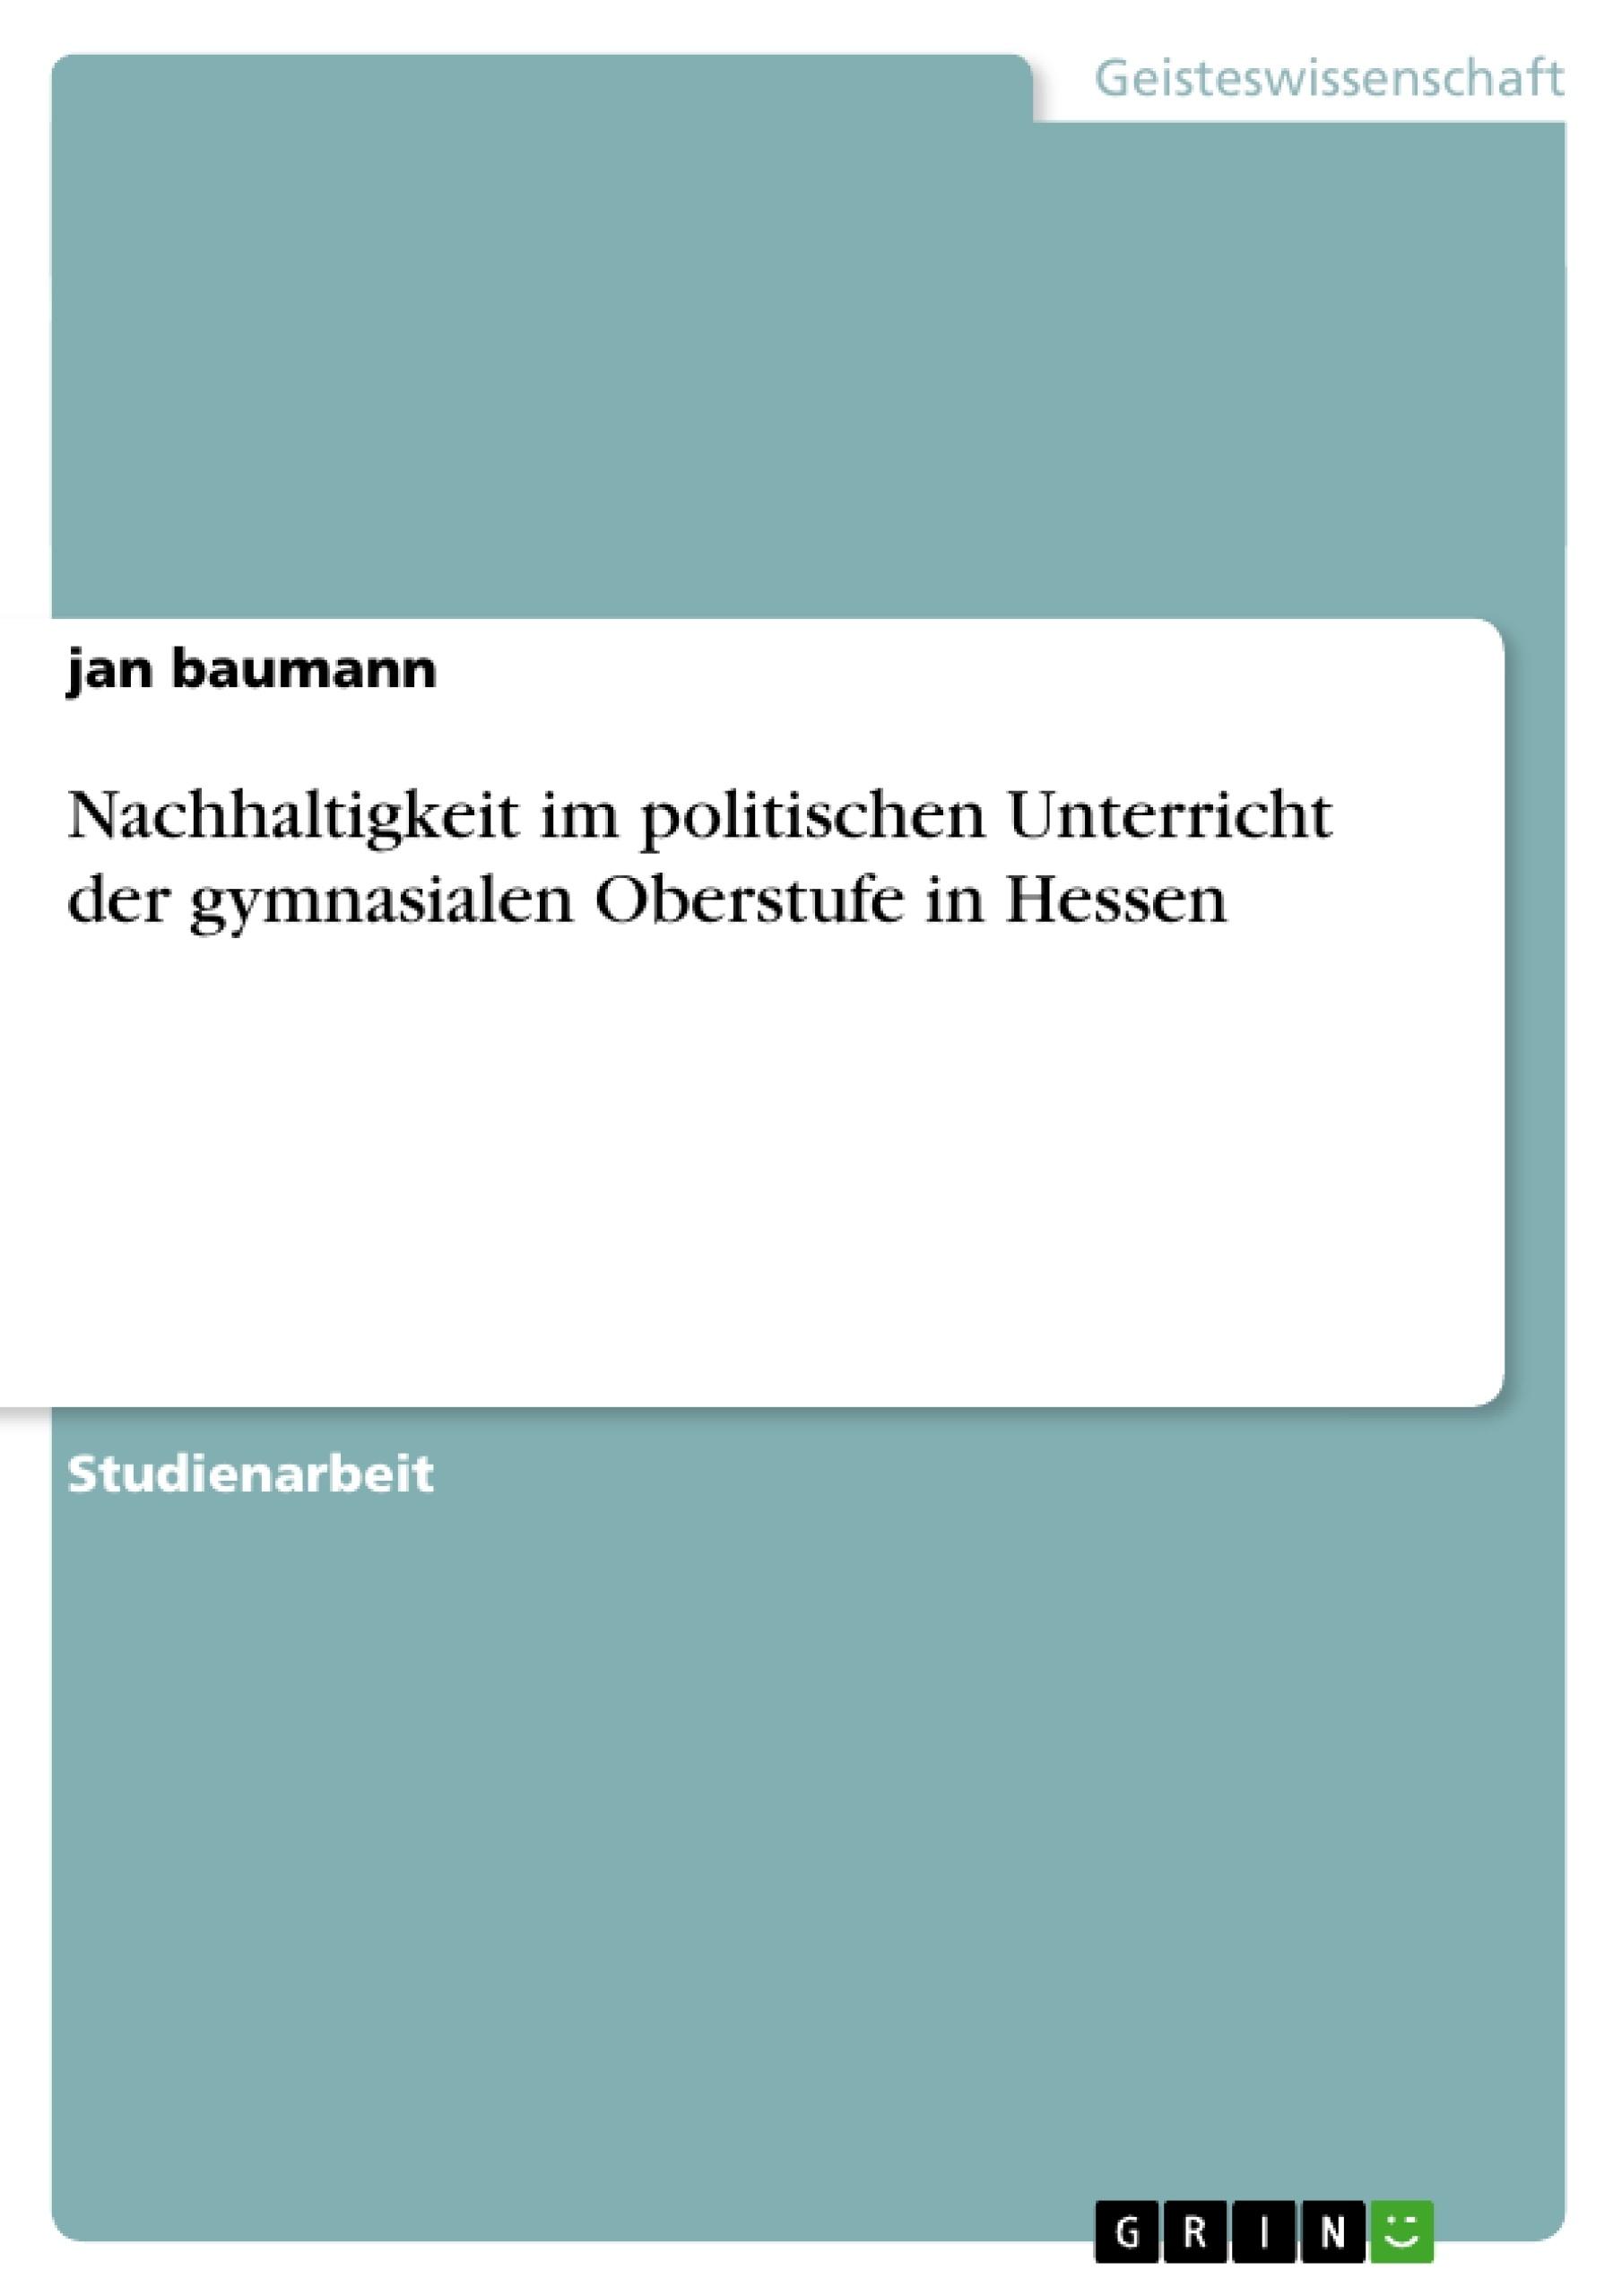 Titel: Nachhaltigkeit im politischen Unterricht der gymnasialen Oberstufe in Hessen